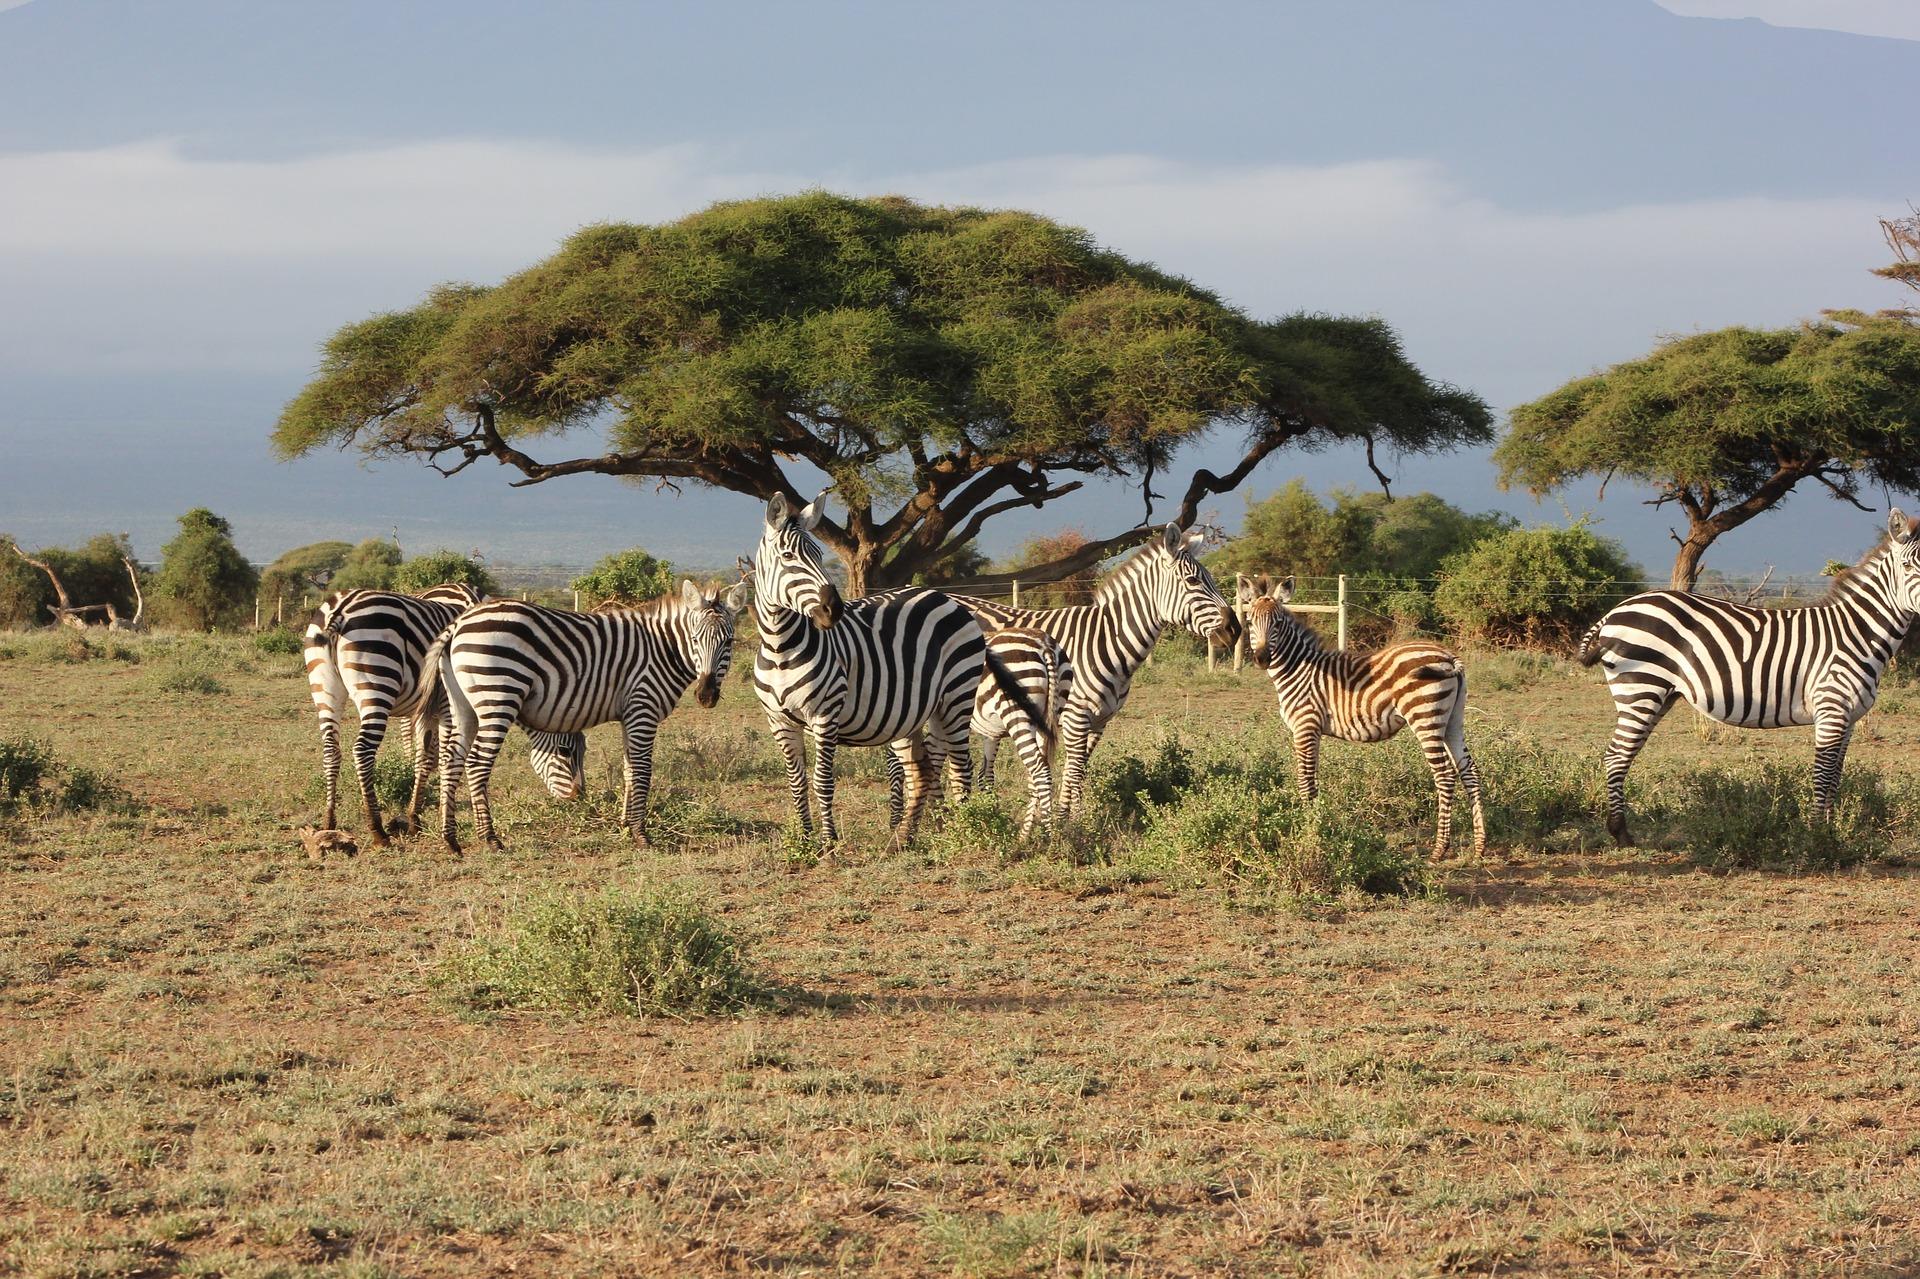 The Maasai Mara, Kenya